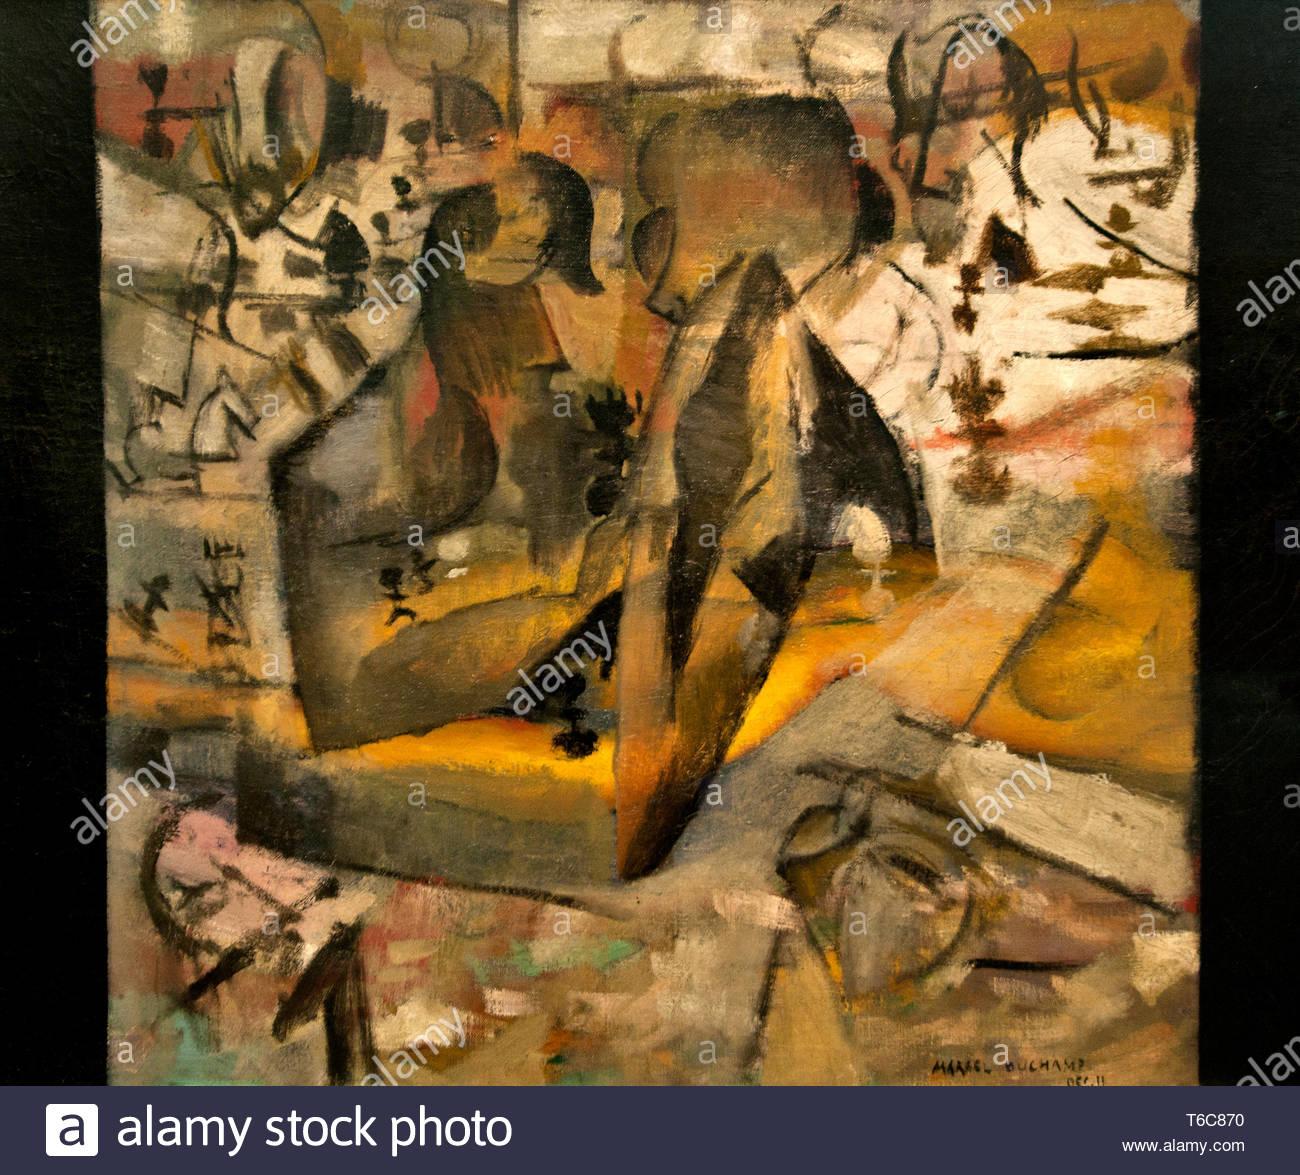 Joueurs d'échecs en 1911 par Marcel Duchamp né en France 1887 French American peintre, sculpteur, le cubisme, Dada, et l'art conceptuel. Photo Stock